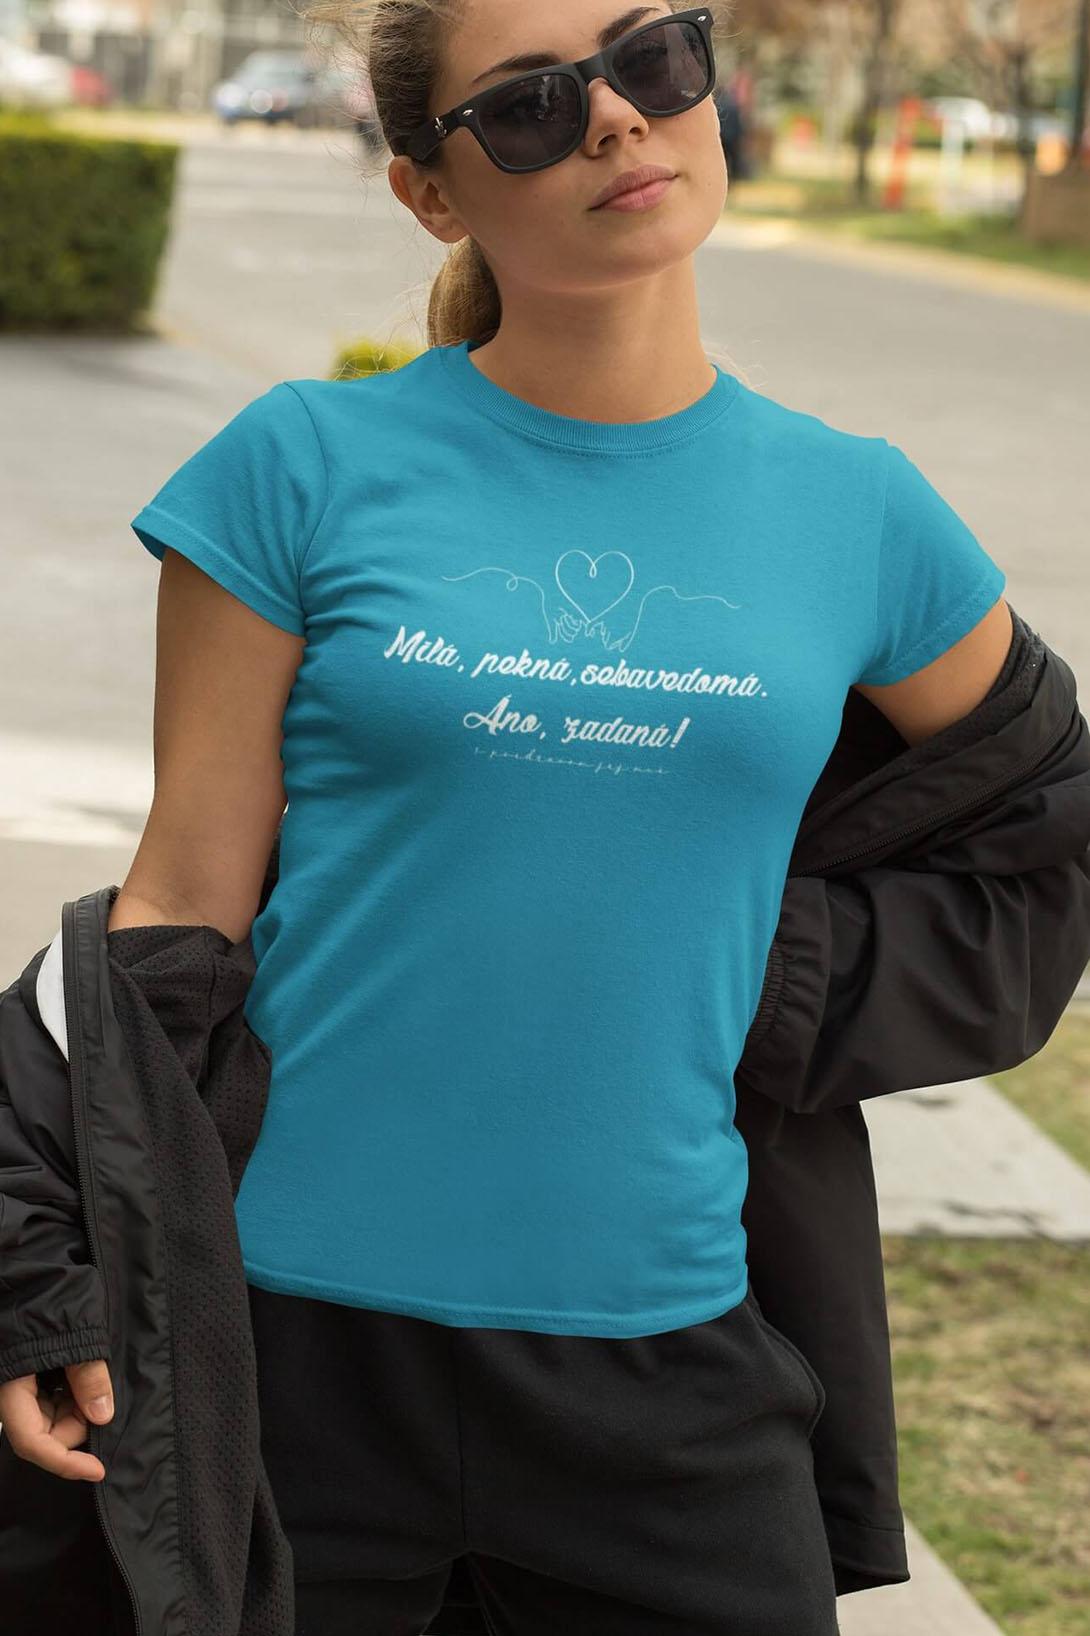 MMO Dámske tričko Milá, pekná, sebavedomá Vyberte farbu: Tyrkysová, Vyberte veľkosť: M